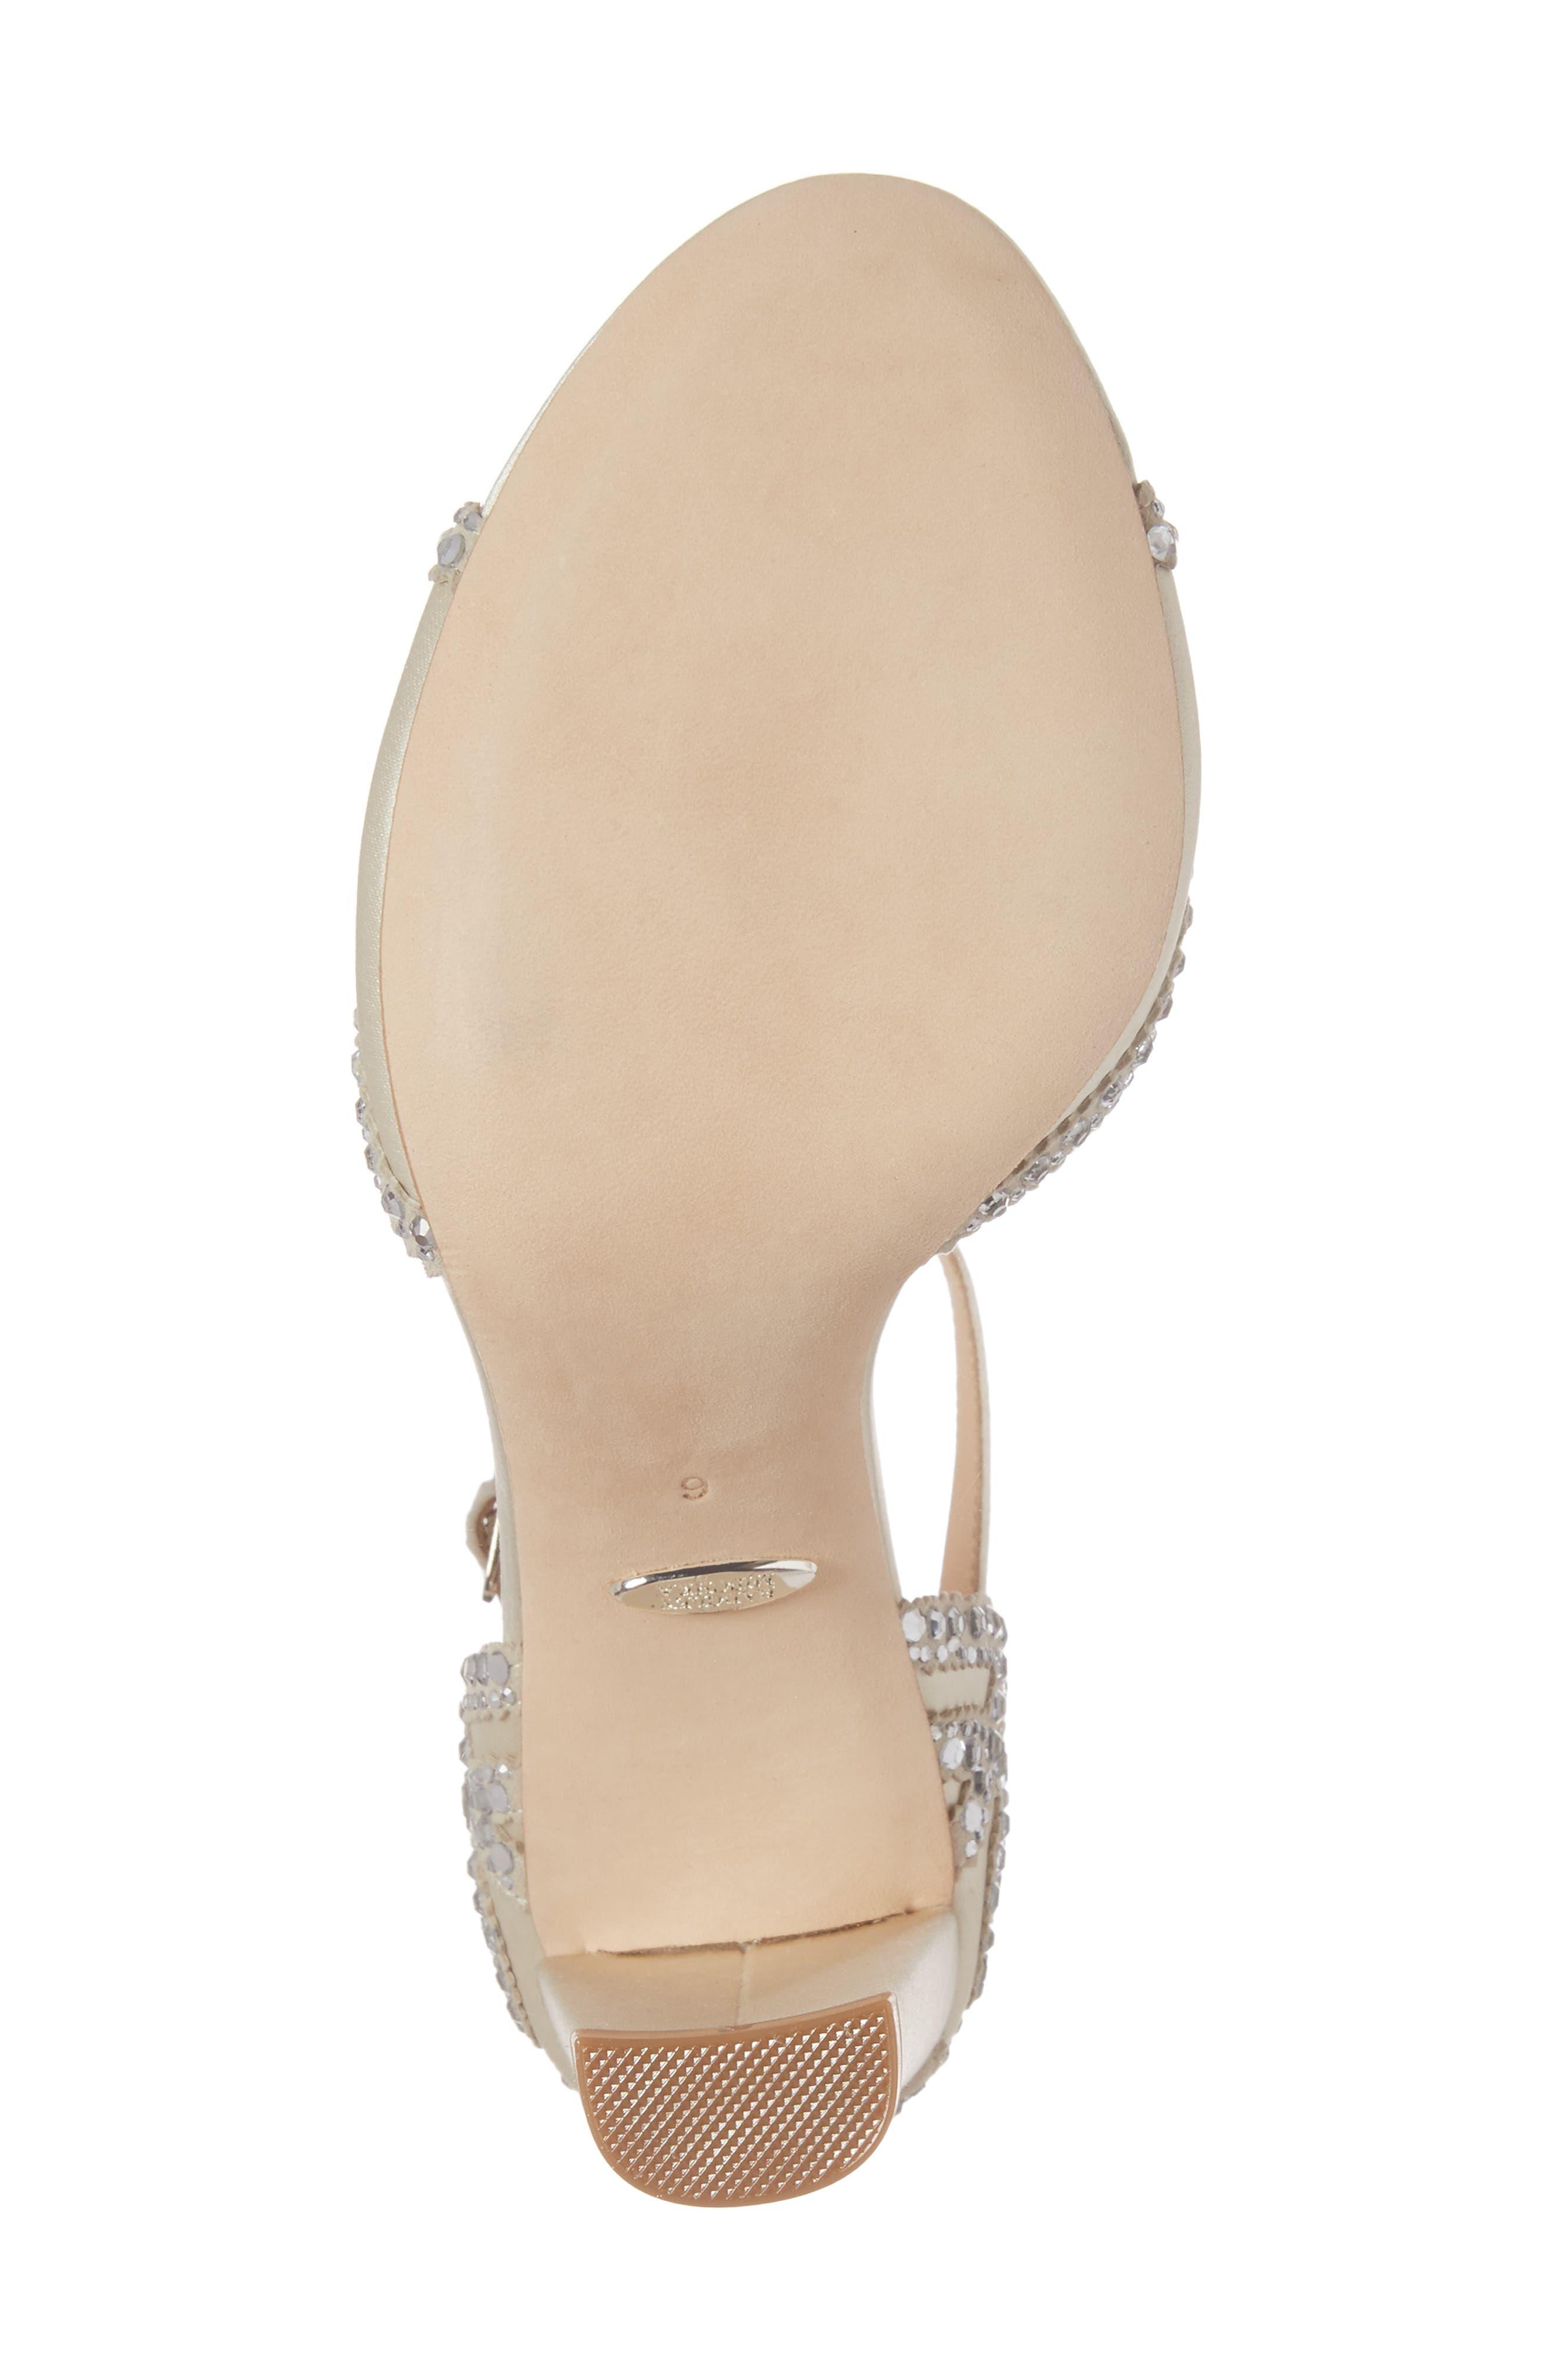 Kelly Embellished Crescent Heel Sandal,                             Alternate thumbnail 6, color,                             900